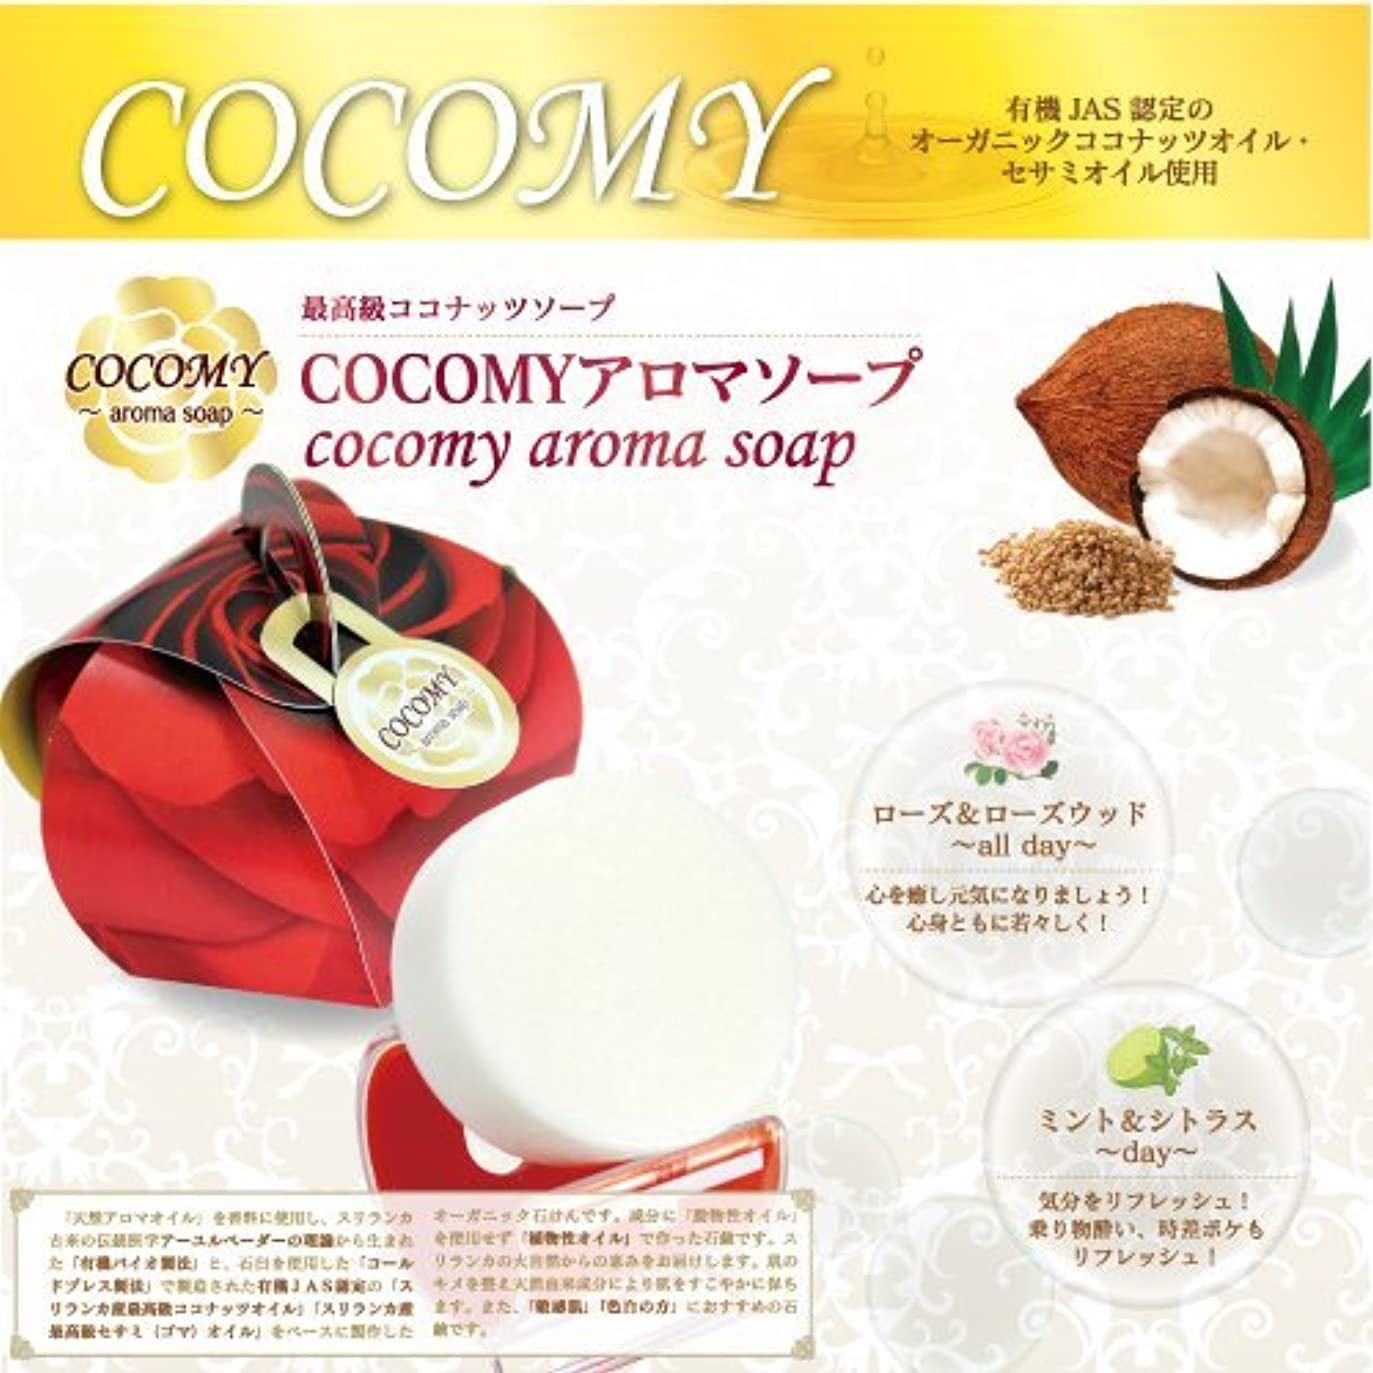 グループ両方雨のCOCOMY aromaソープ 2個セット (ミント&シトラス)(ローズ&ローズウッド) 40g×各1